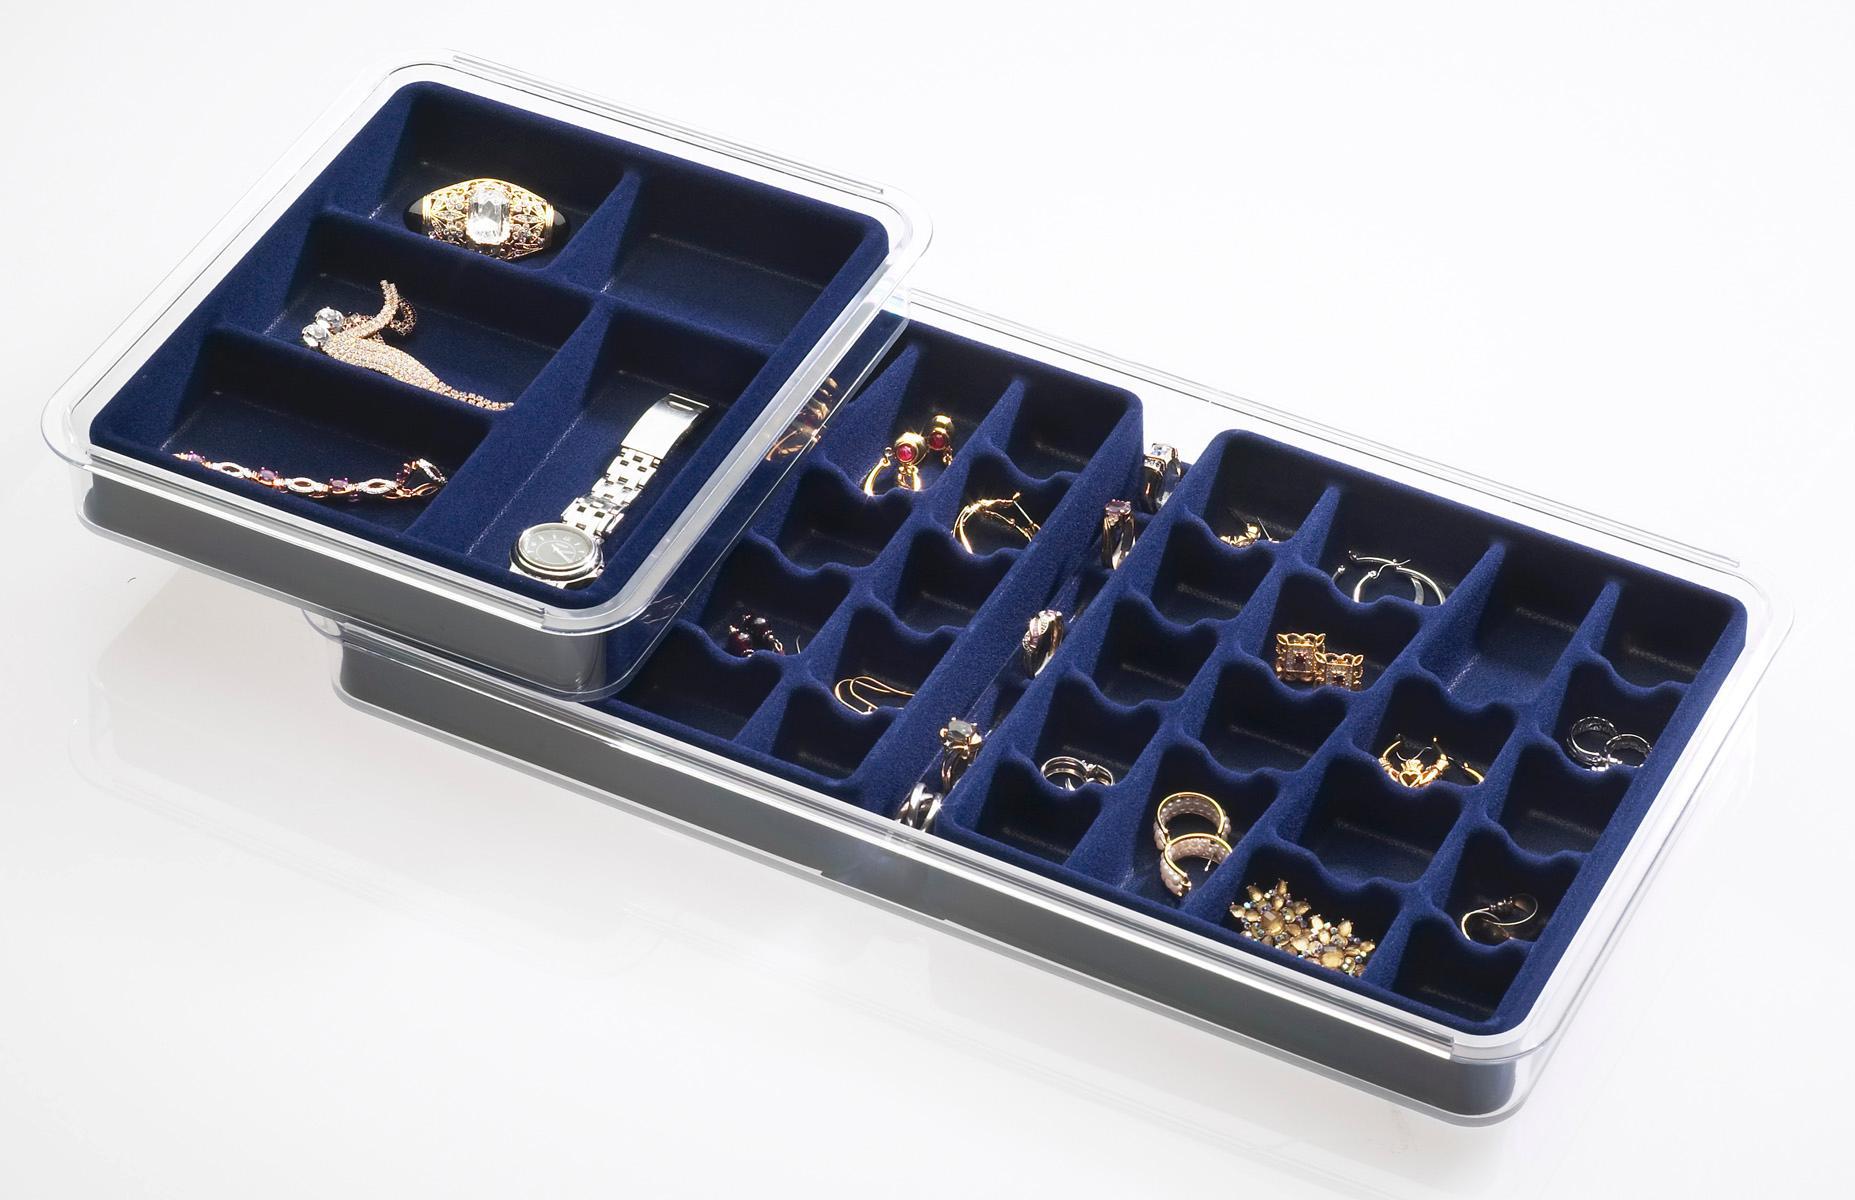 Amazon.com - Neatnix Jewelry Stax 36 Compartment Organizer